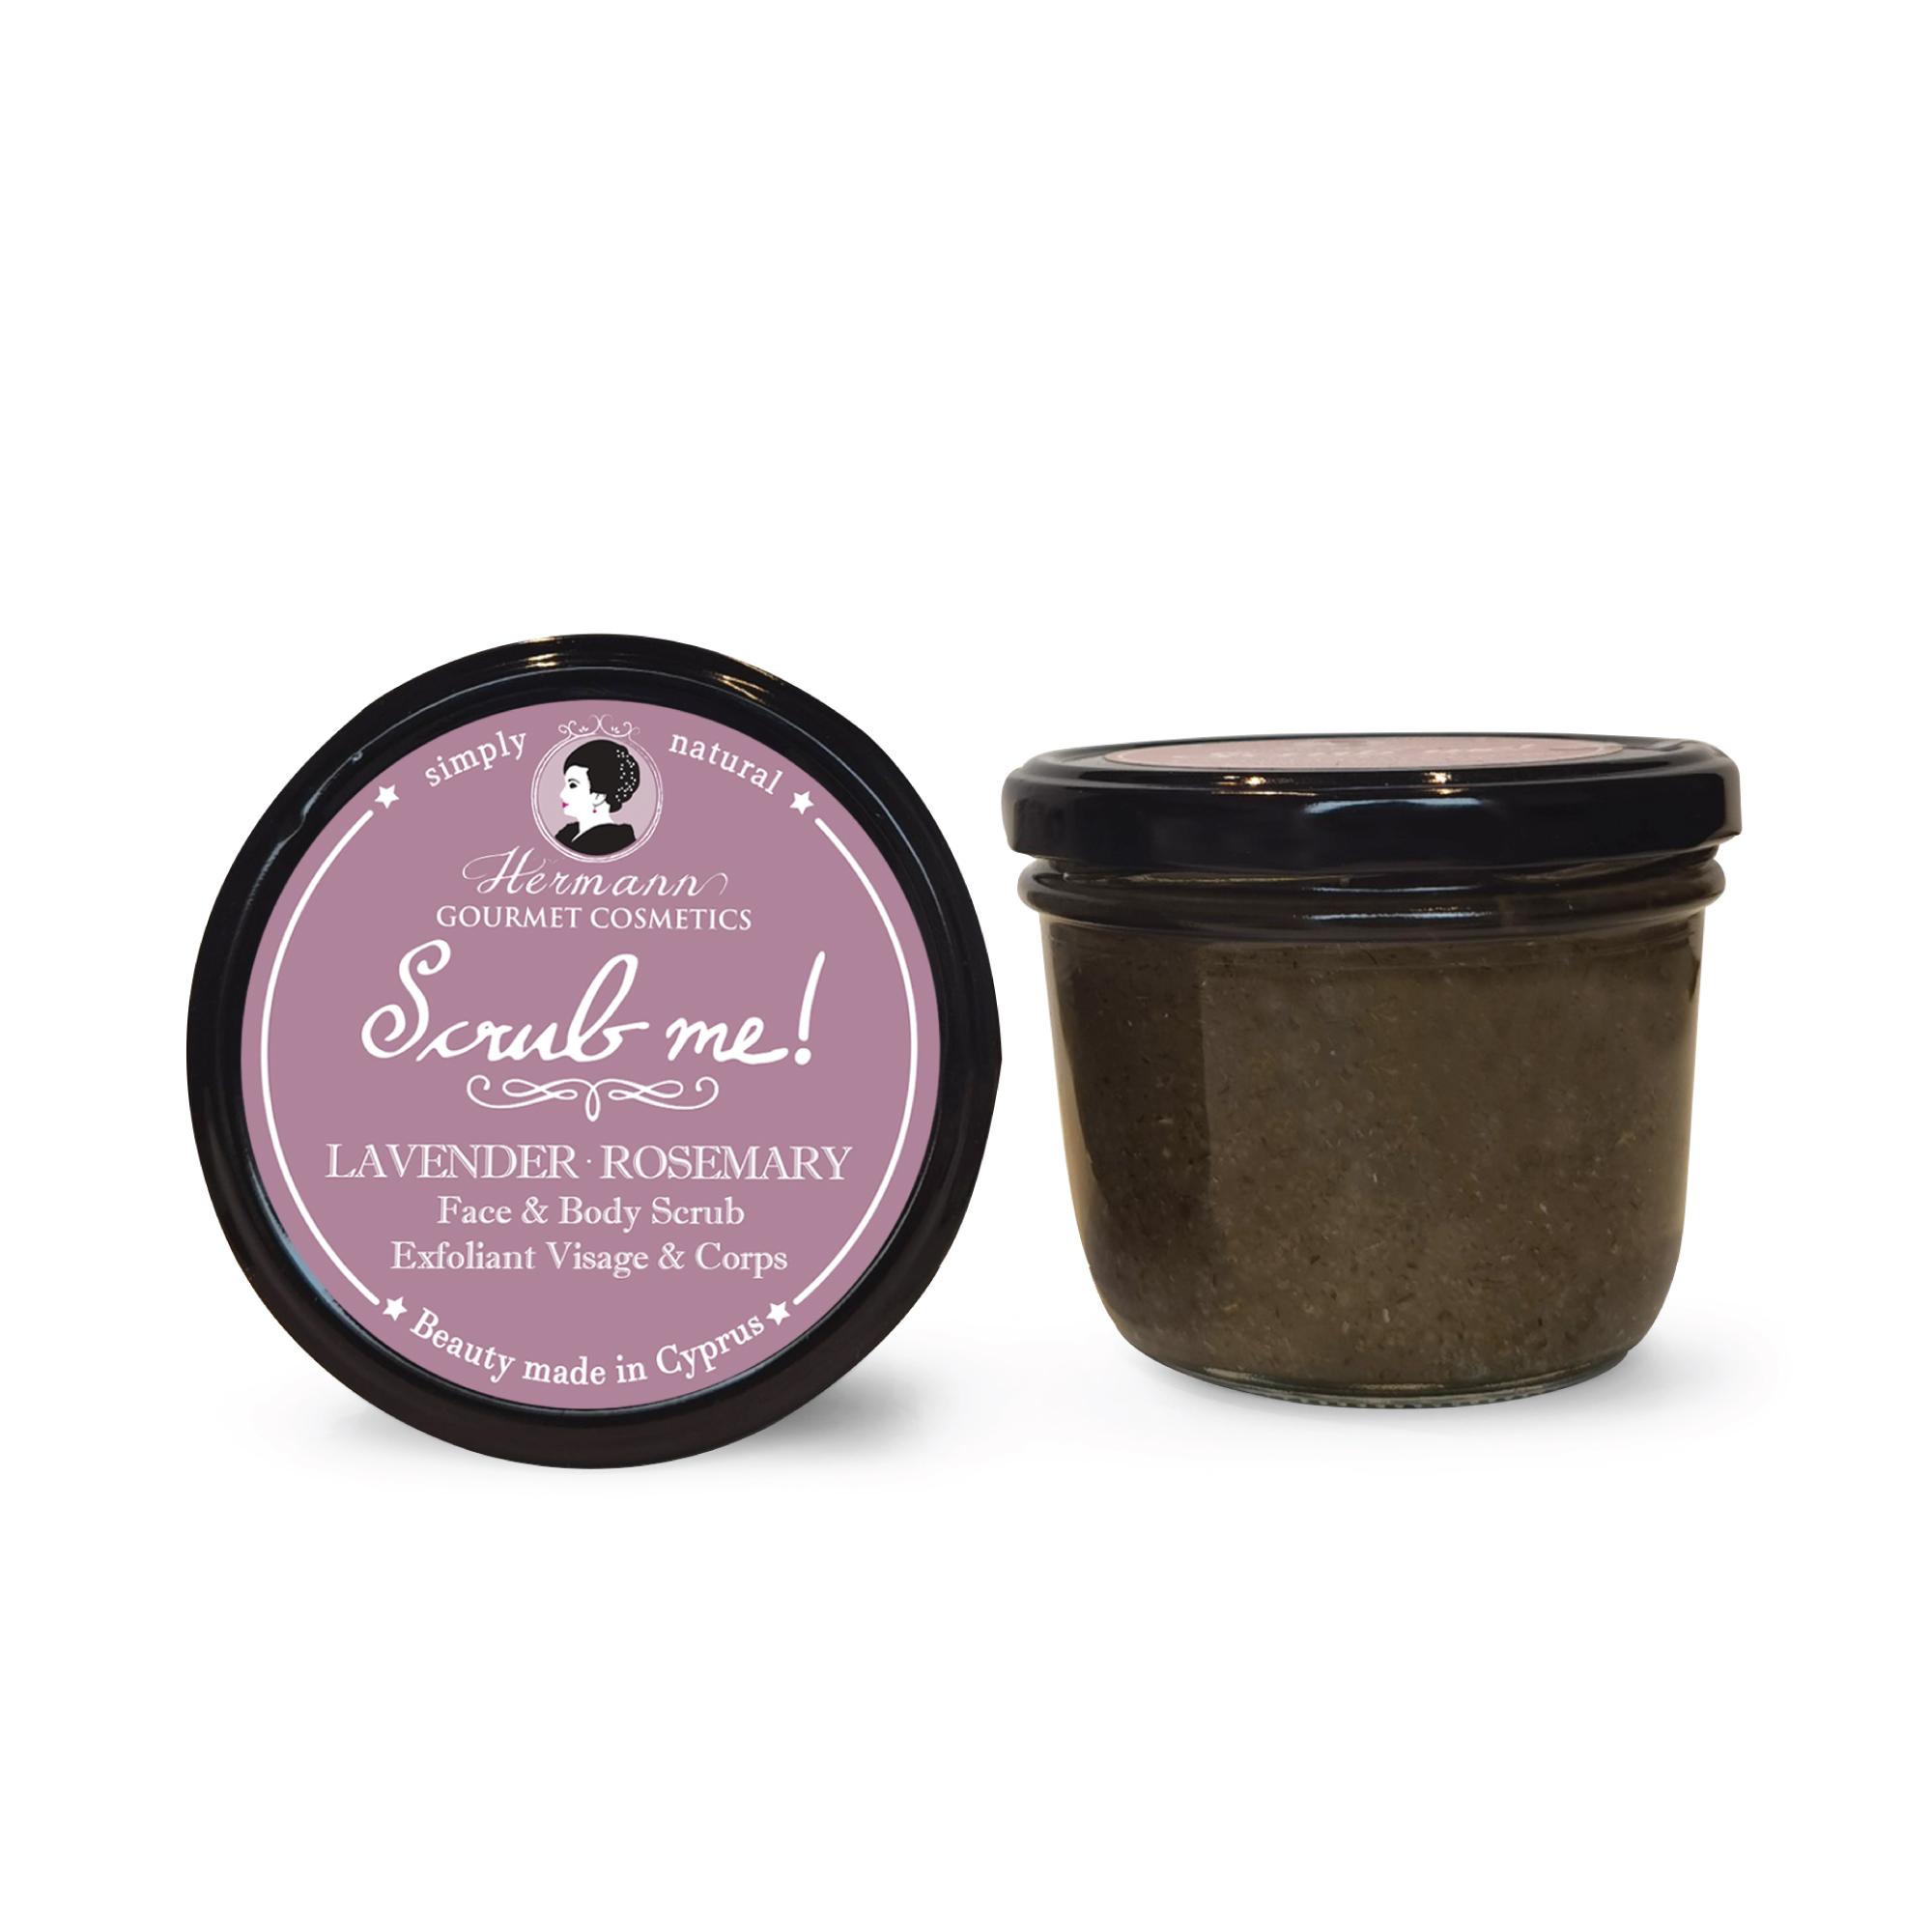 SCRUB ME Lavender Rosemary Face & Body Scrub